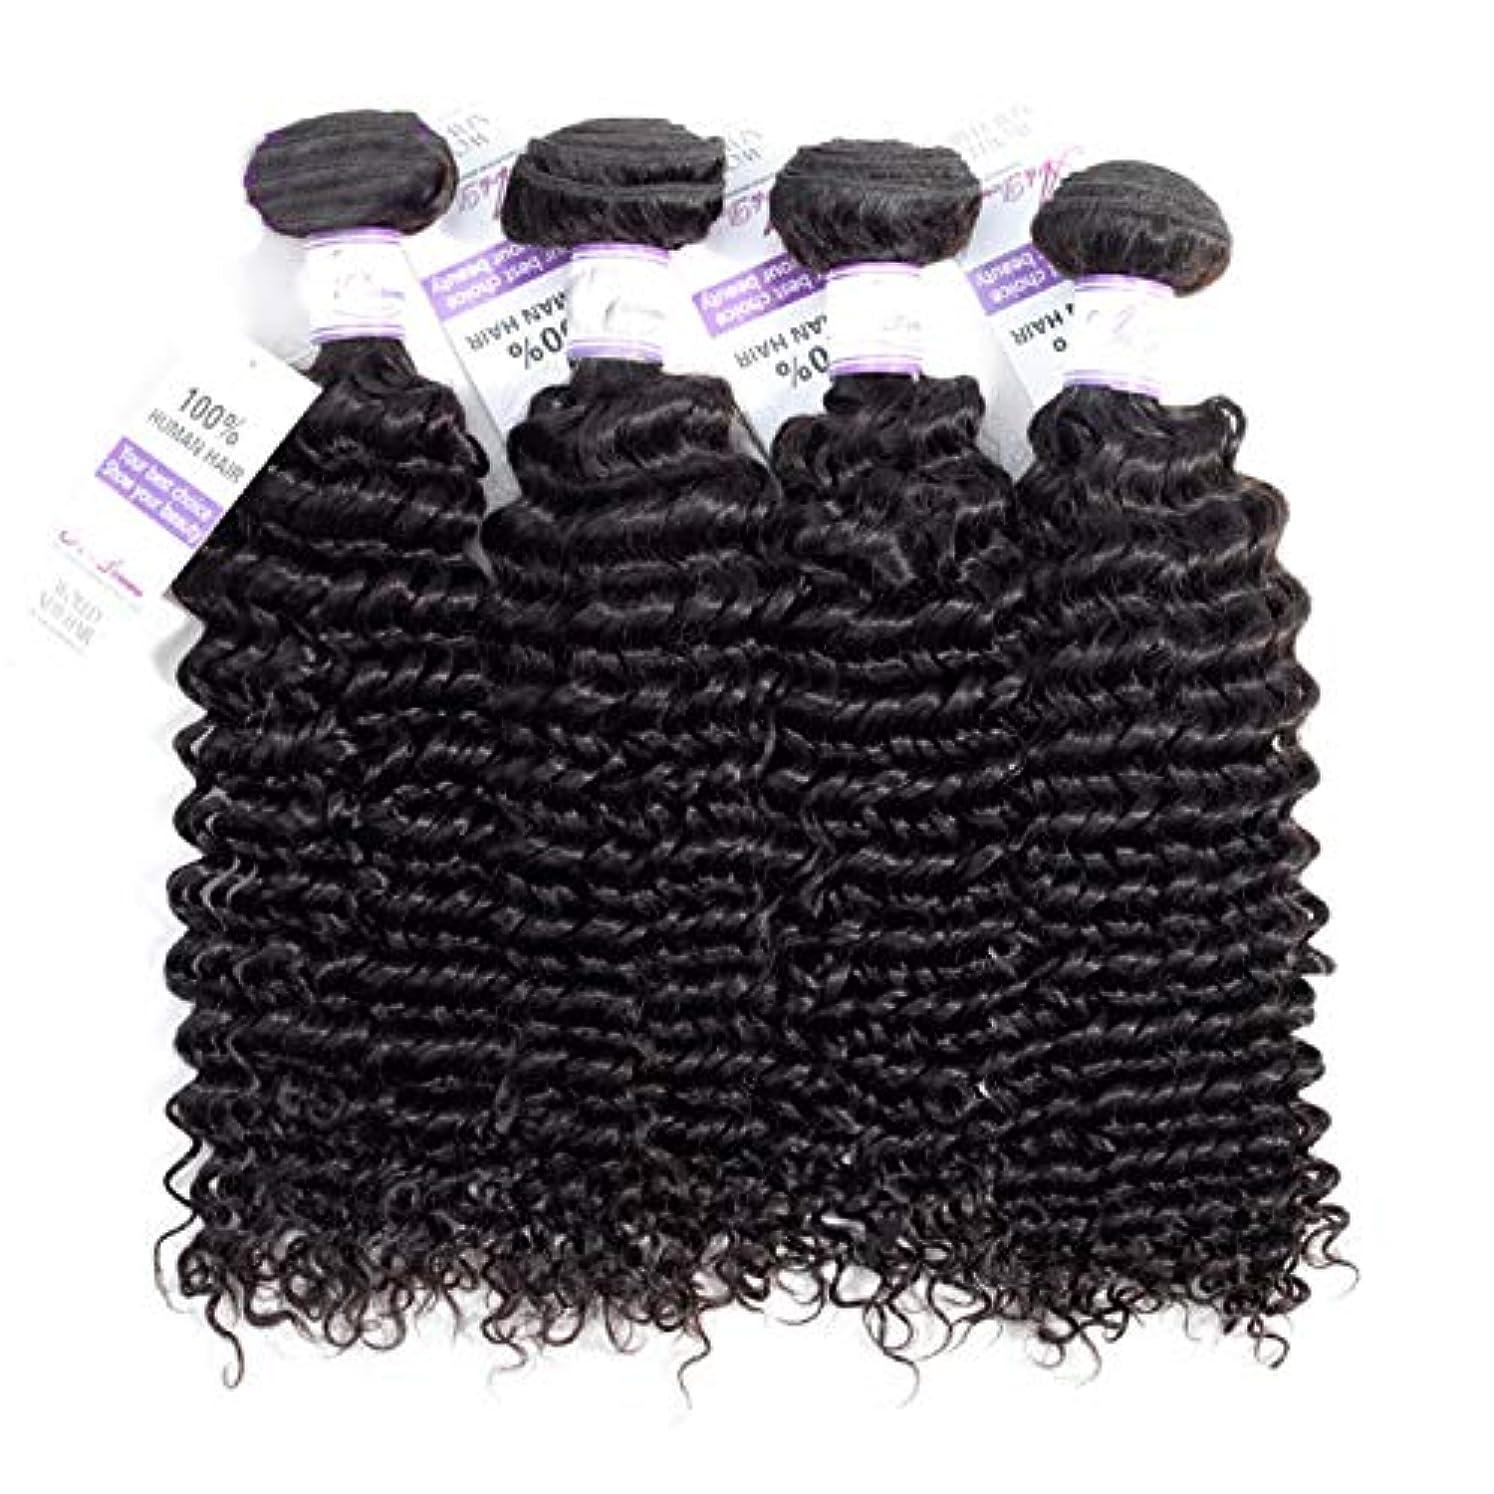 規範意気揚々管理するブラジルのディープウェーブヘア織りバンドル100%人毛織りナチュラルカラー非レミー髪は4個購入することができます (Stretched Length : 20 22 24 24 inches)